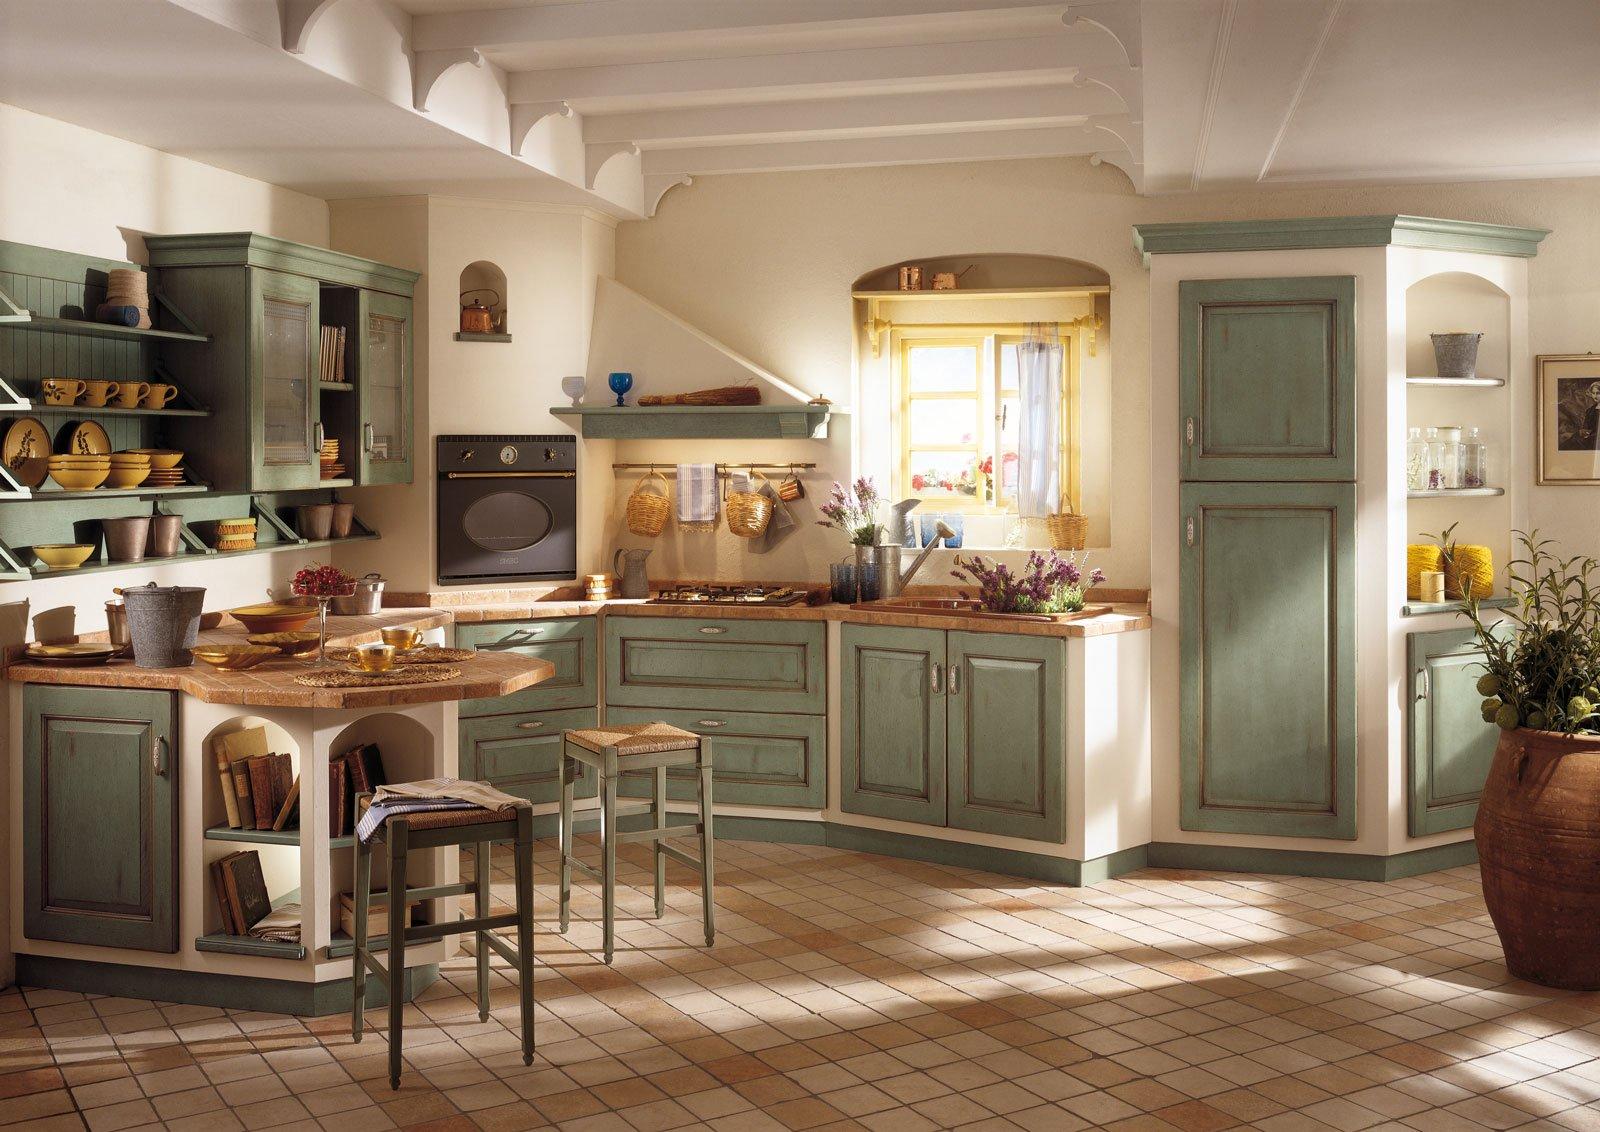 Cucine effetto muratura vera o finta cose di casa - Cucine in muratura rustica ...